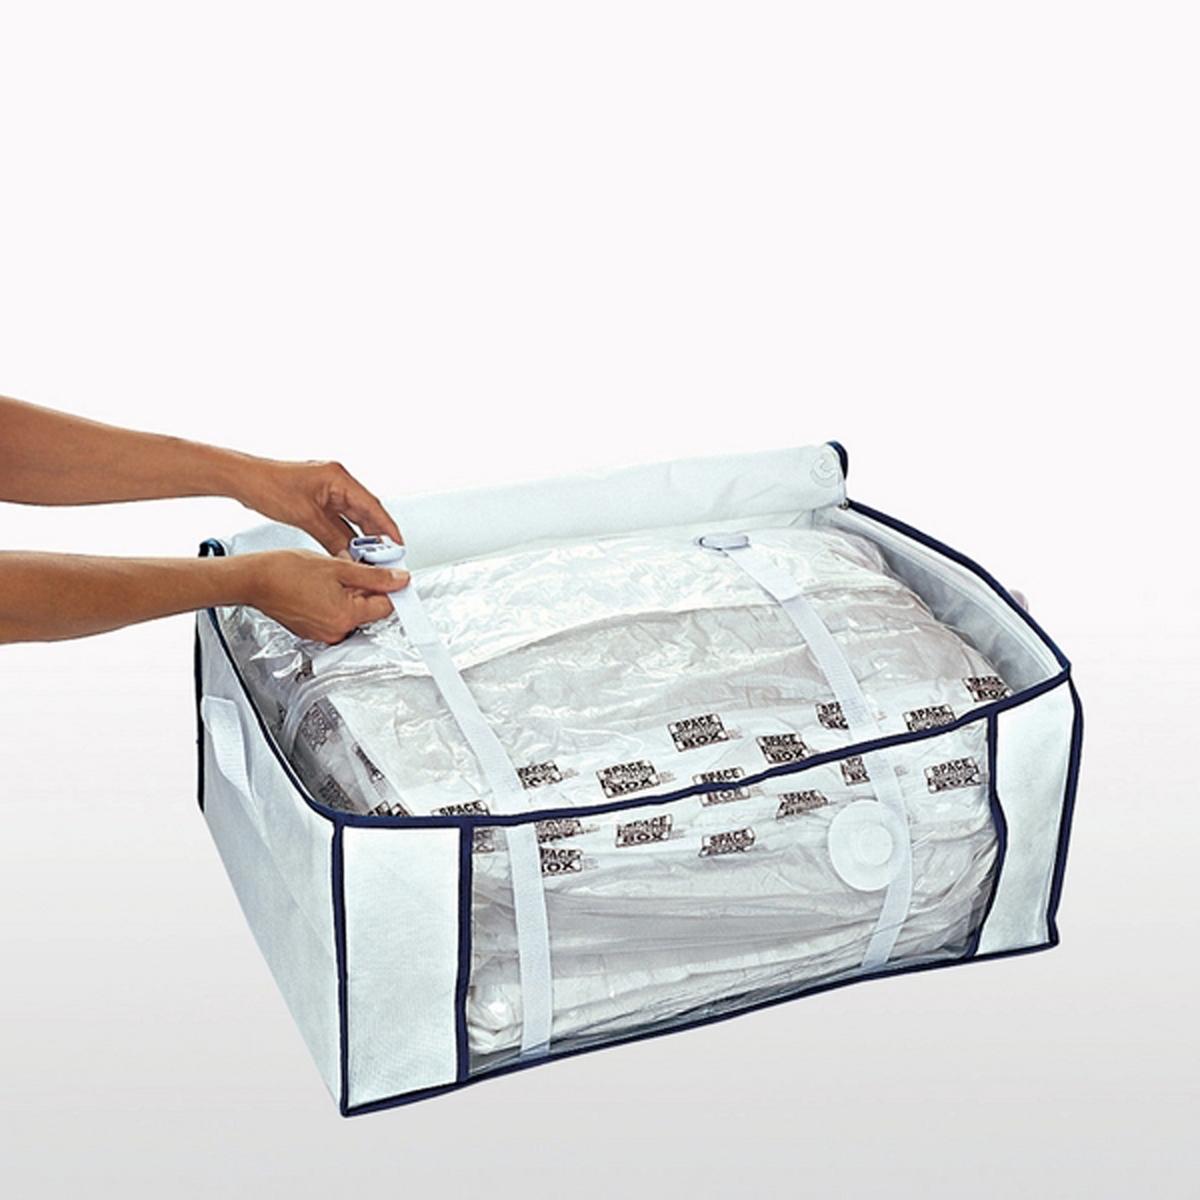 Чехол вакуумный, Ш.104 x В.13 x Г.45 смЭкономия места до 75% ! Идеально подходит для поездок, так как позволяет значительно экономить место в багаже. Описание чехла :Пакет с защитным чехлом внутри просто необходим для организации хранения Ваших вещей, одеял, покрывал и подушек.Всасывание воздуха пылесосом.2 стягивающих ремня для удержания вещей в сжатом состоянии. Характеристики вакуумного чехла :Нетканый материалВнутренний пакет из прозрачного пластикаЗастежка на молнию. Размеры вакуумного чехла :Ш.104 x В.13 x Г.45 см (для одеяла для 2-сп. кровати), размеры внутреннего пакета : Ш.30 x В.71 x Г.43,5 см.<br><br>Цвет: белый